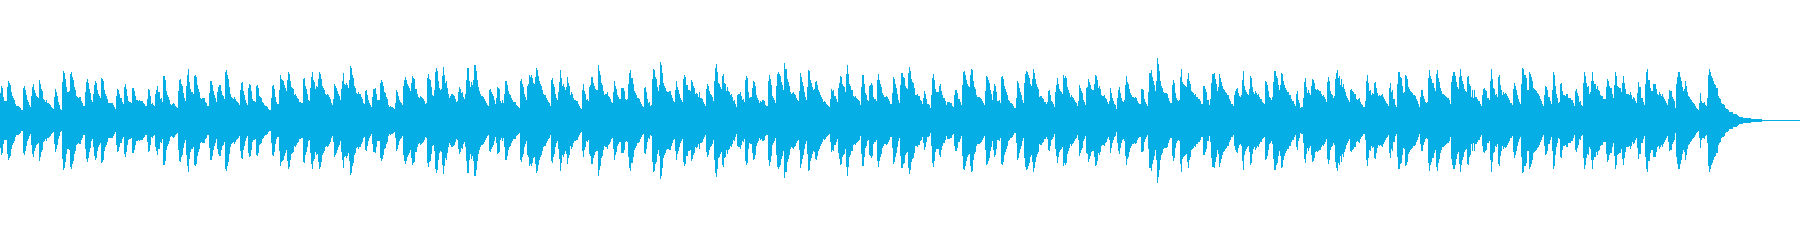 ファンタジー系にあいそうな曲の再生済みの波形